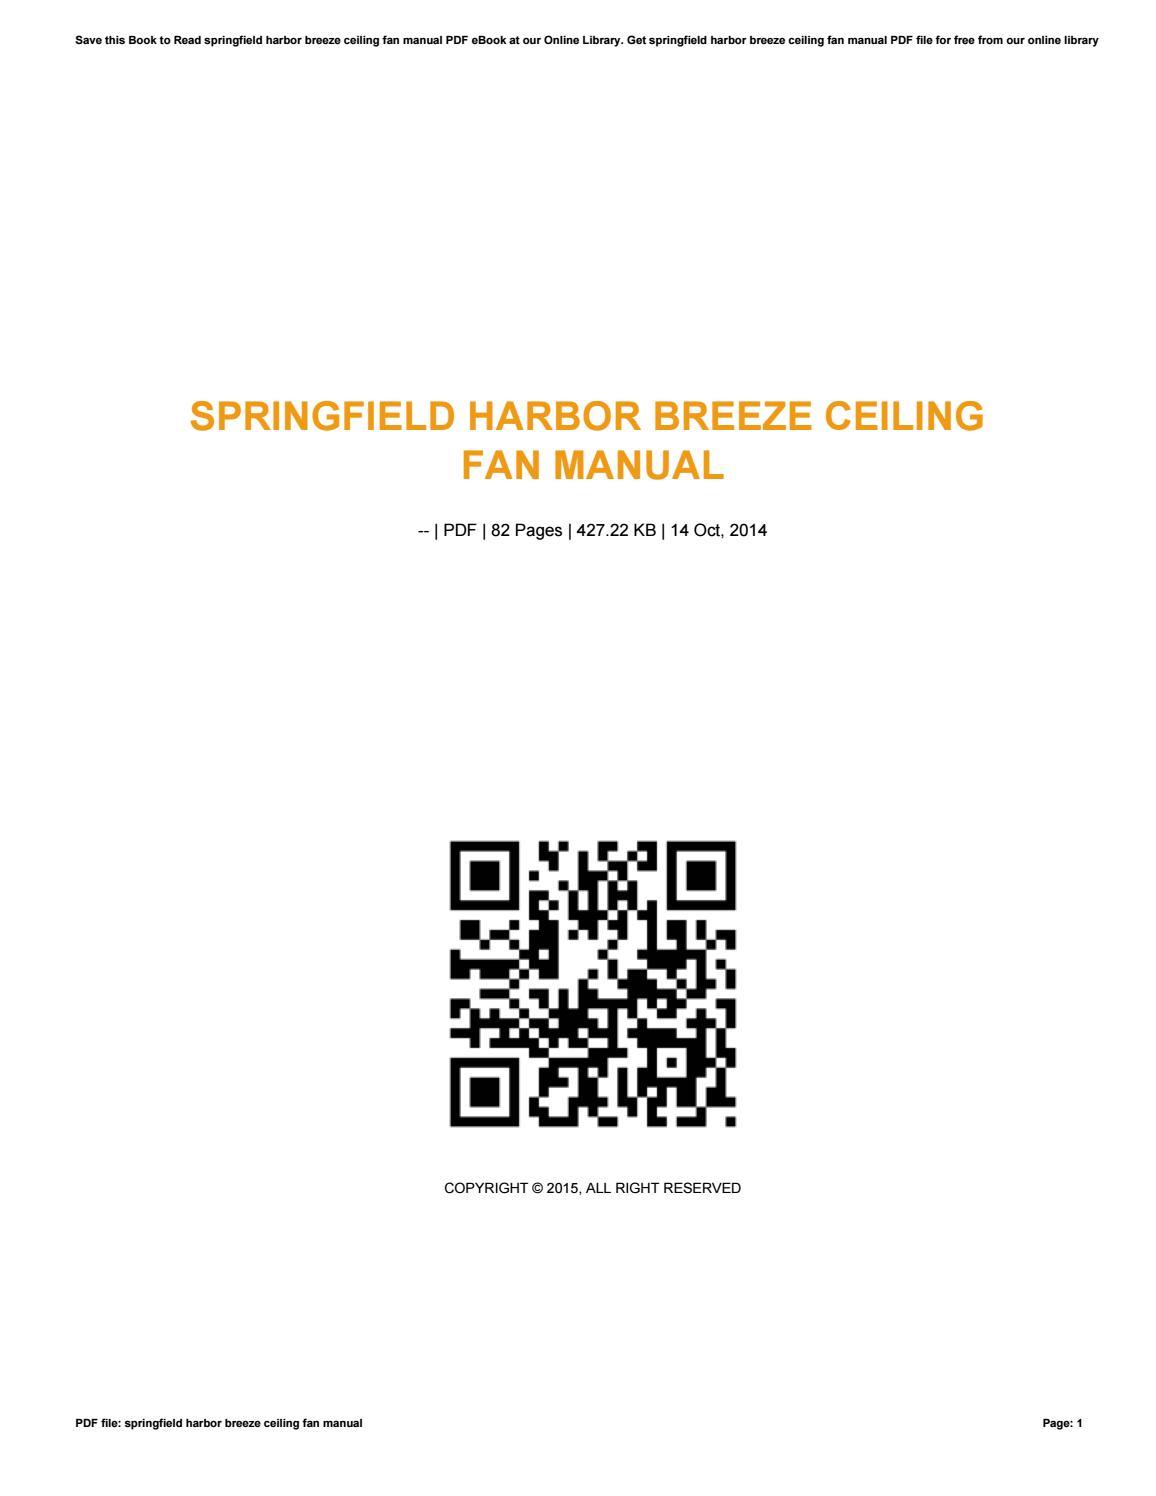 Springfield Harbor Breeze Ceiling Fan Manual ...